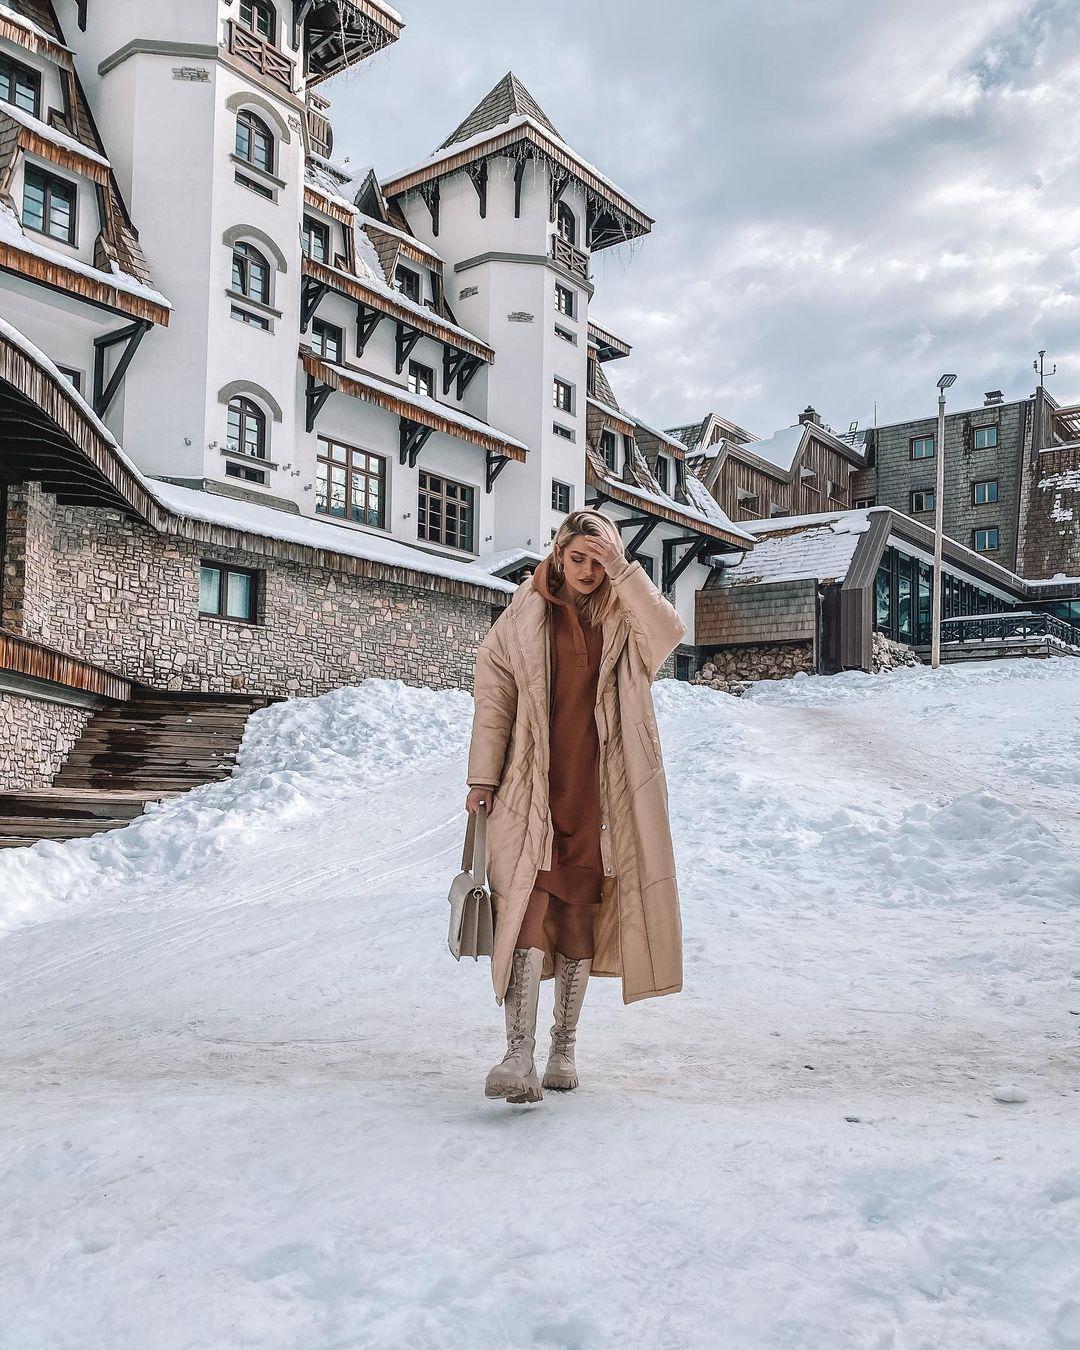 Destinasi Wisata Traveling Jahorina Winter Bosnia